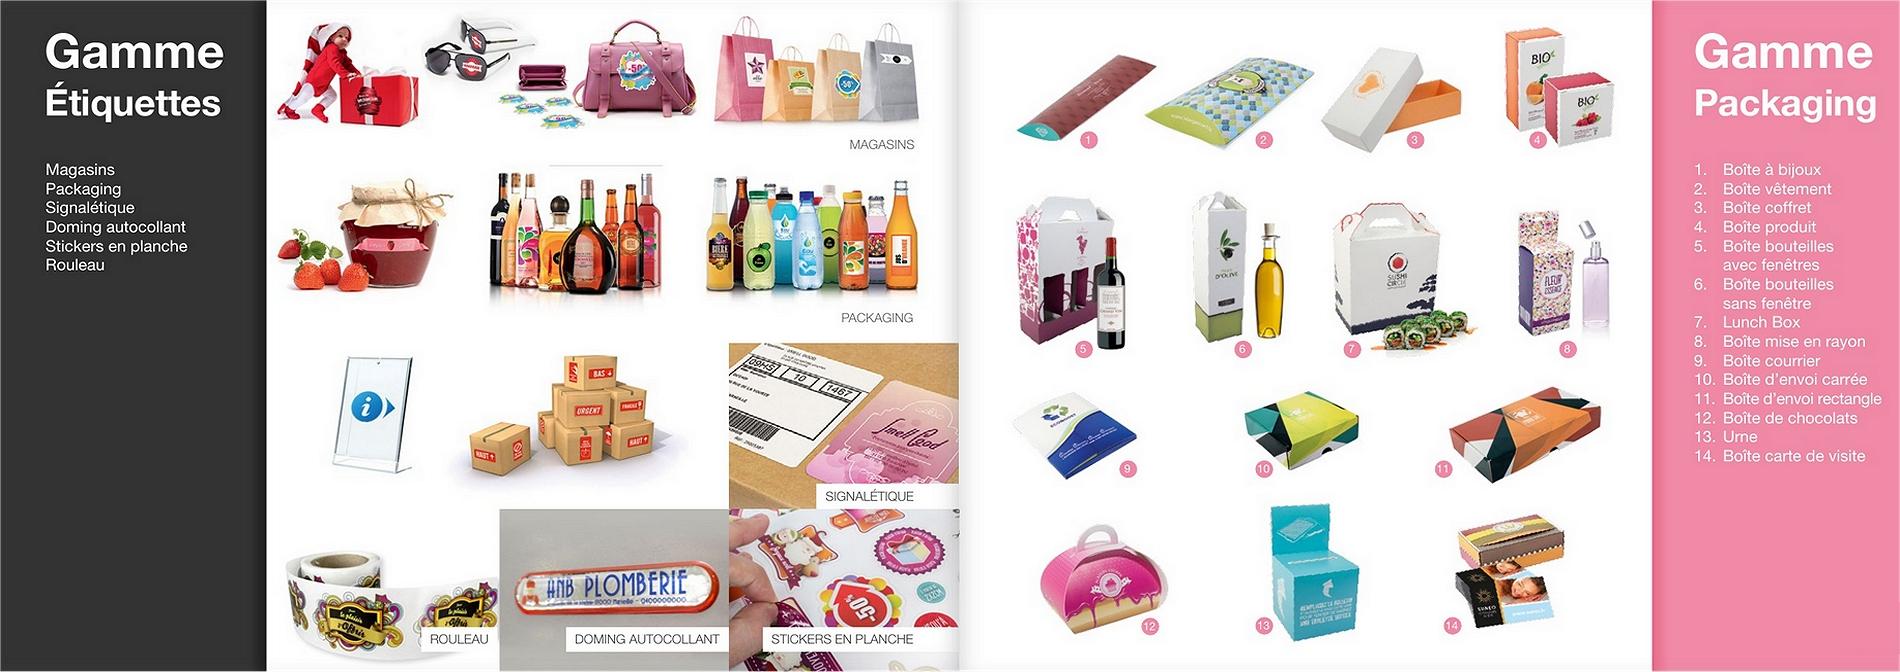 Imprimeur Etiquettes et packaging dans les Yvelines 78